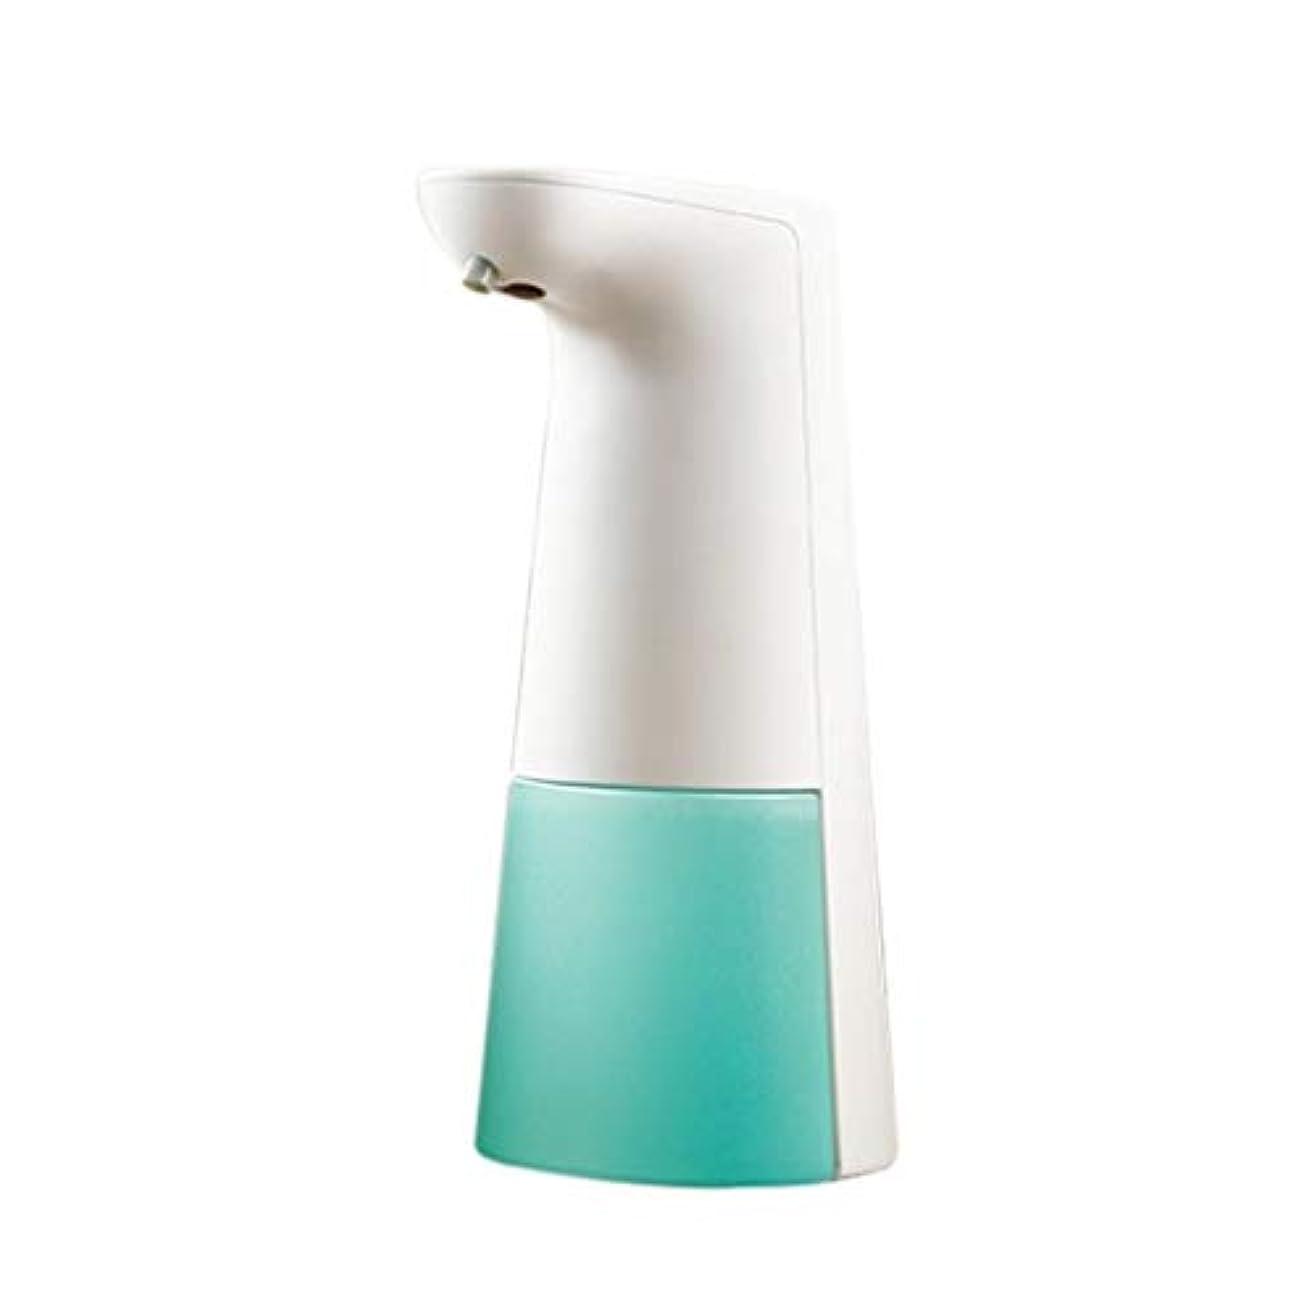 水陸両用不和社員泡の台所浴室の流しの液体石鹸の瓶250mlのプラスチック石鹸箱のローション(色:白、サイズ:20.4 * 11.6 * 8.9cm) (Color : White, Size : 20.4*11.6*8.9cm)